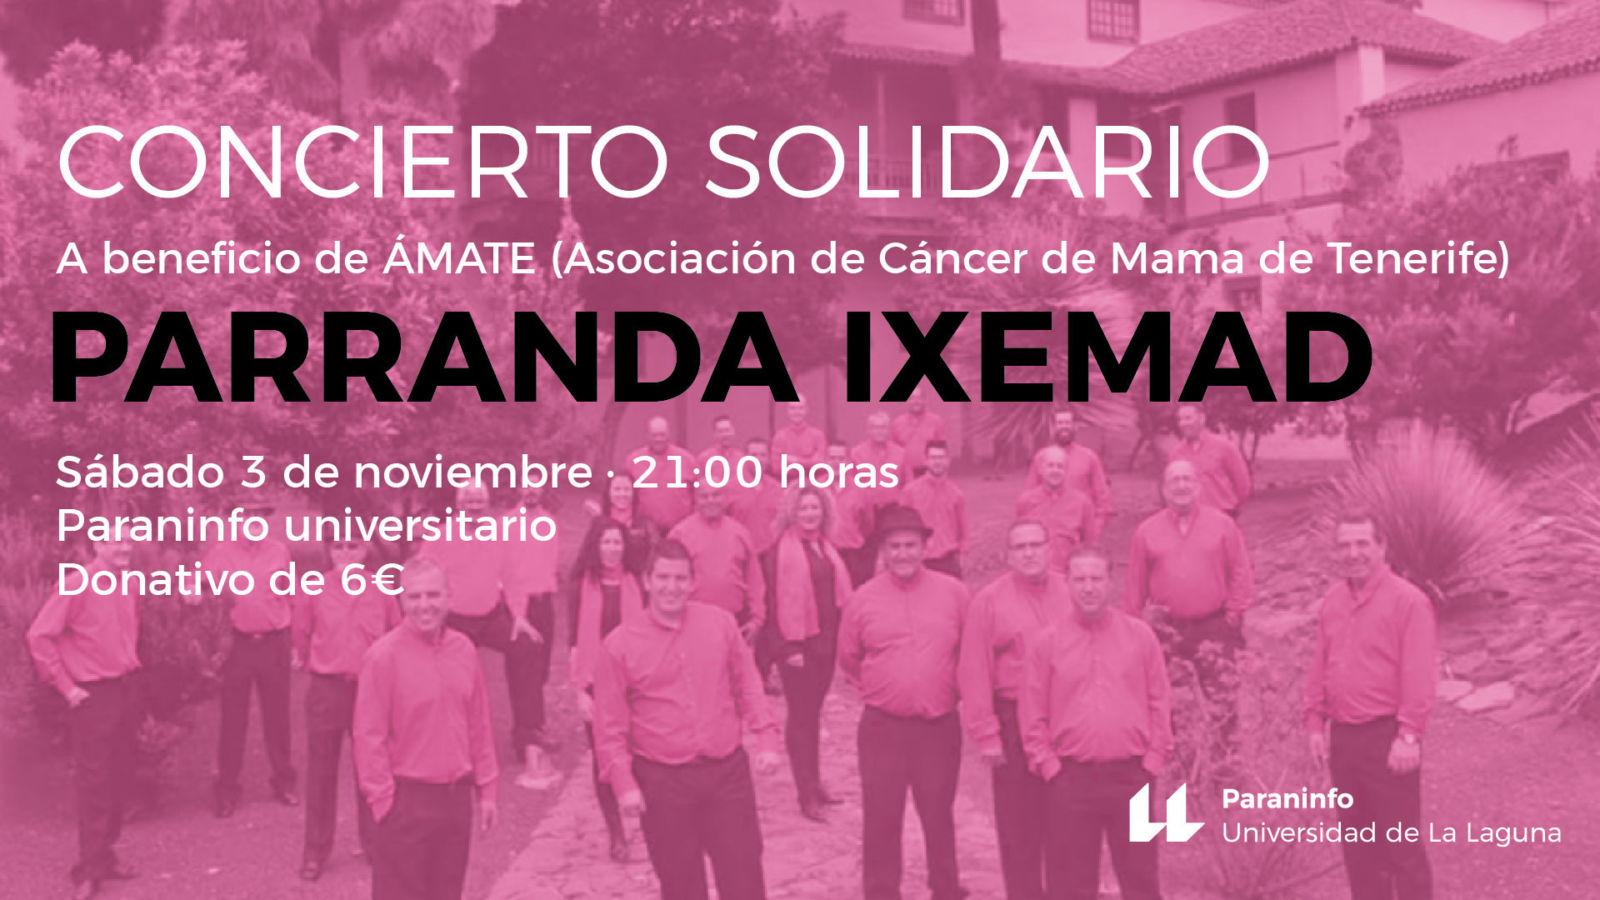 ConciertoSolidario_IXEMAD